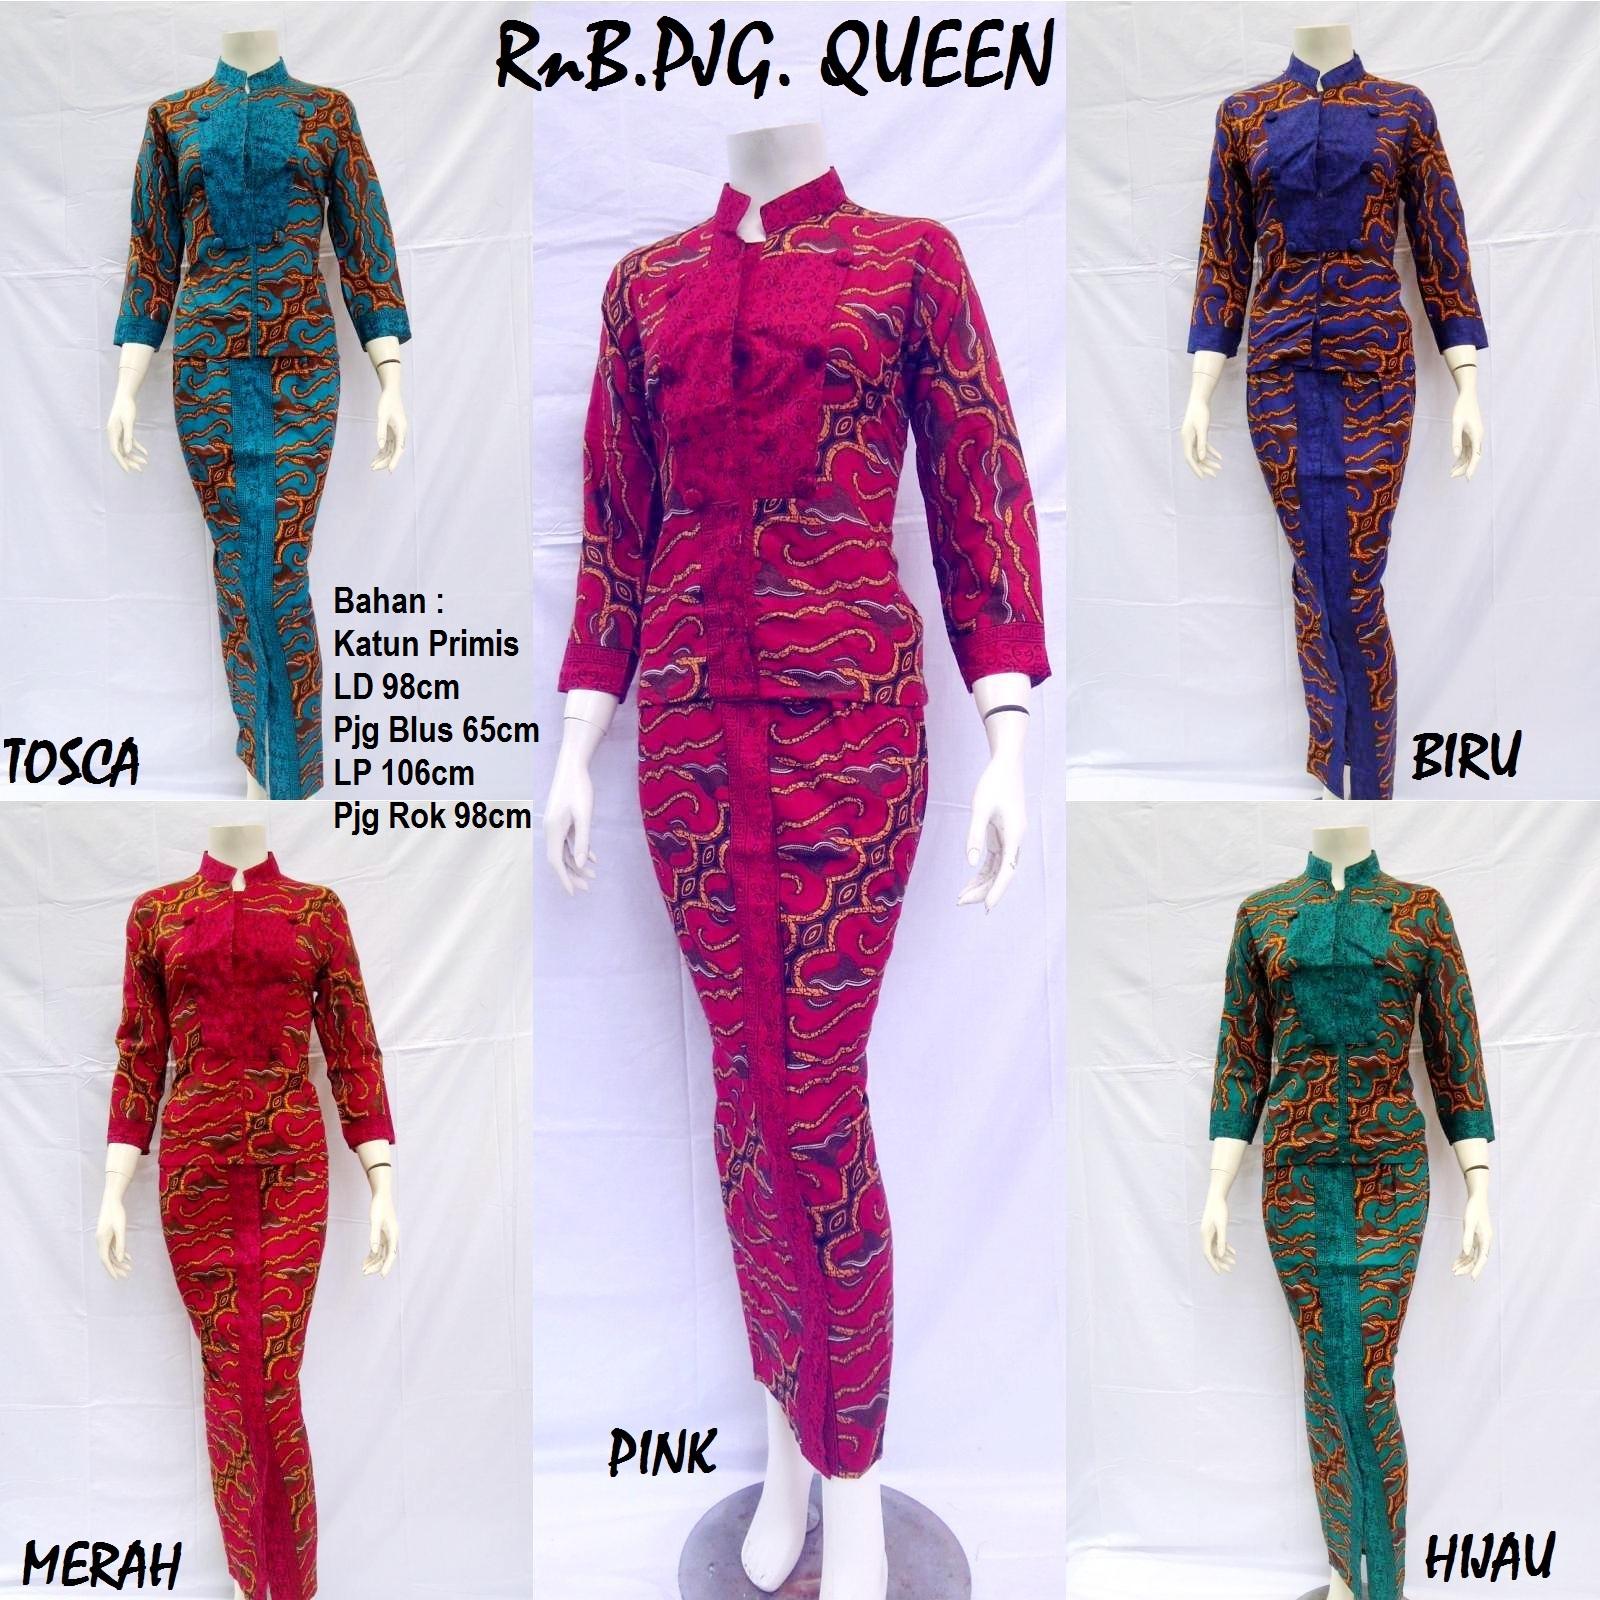 Produksi dan menjual grosireceran baju batik jadi ROK and BLUS